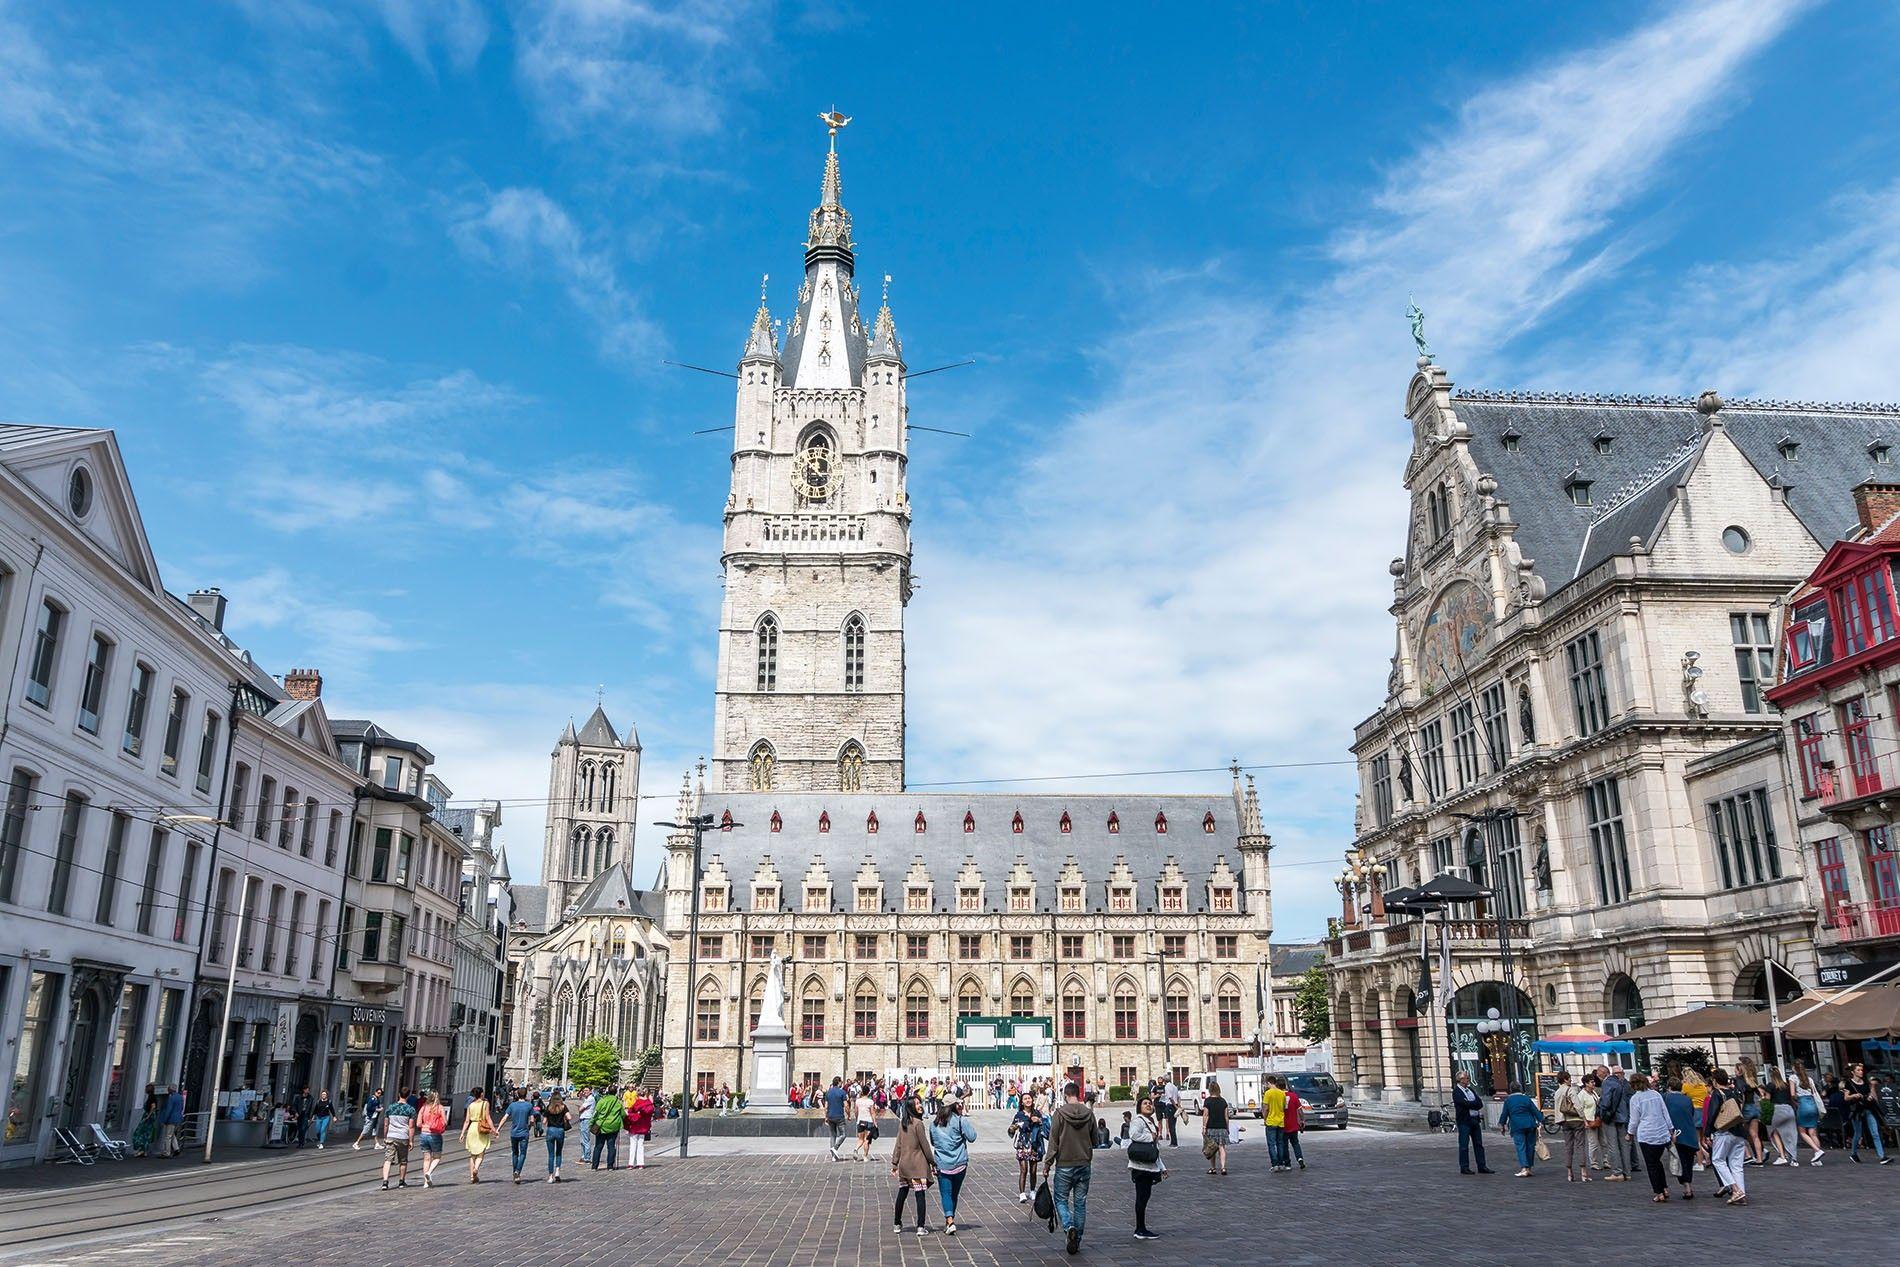 Sint Baafsplein in Ghent